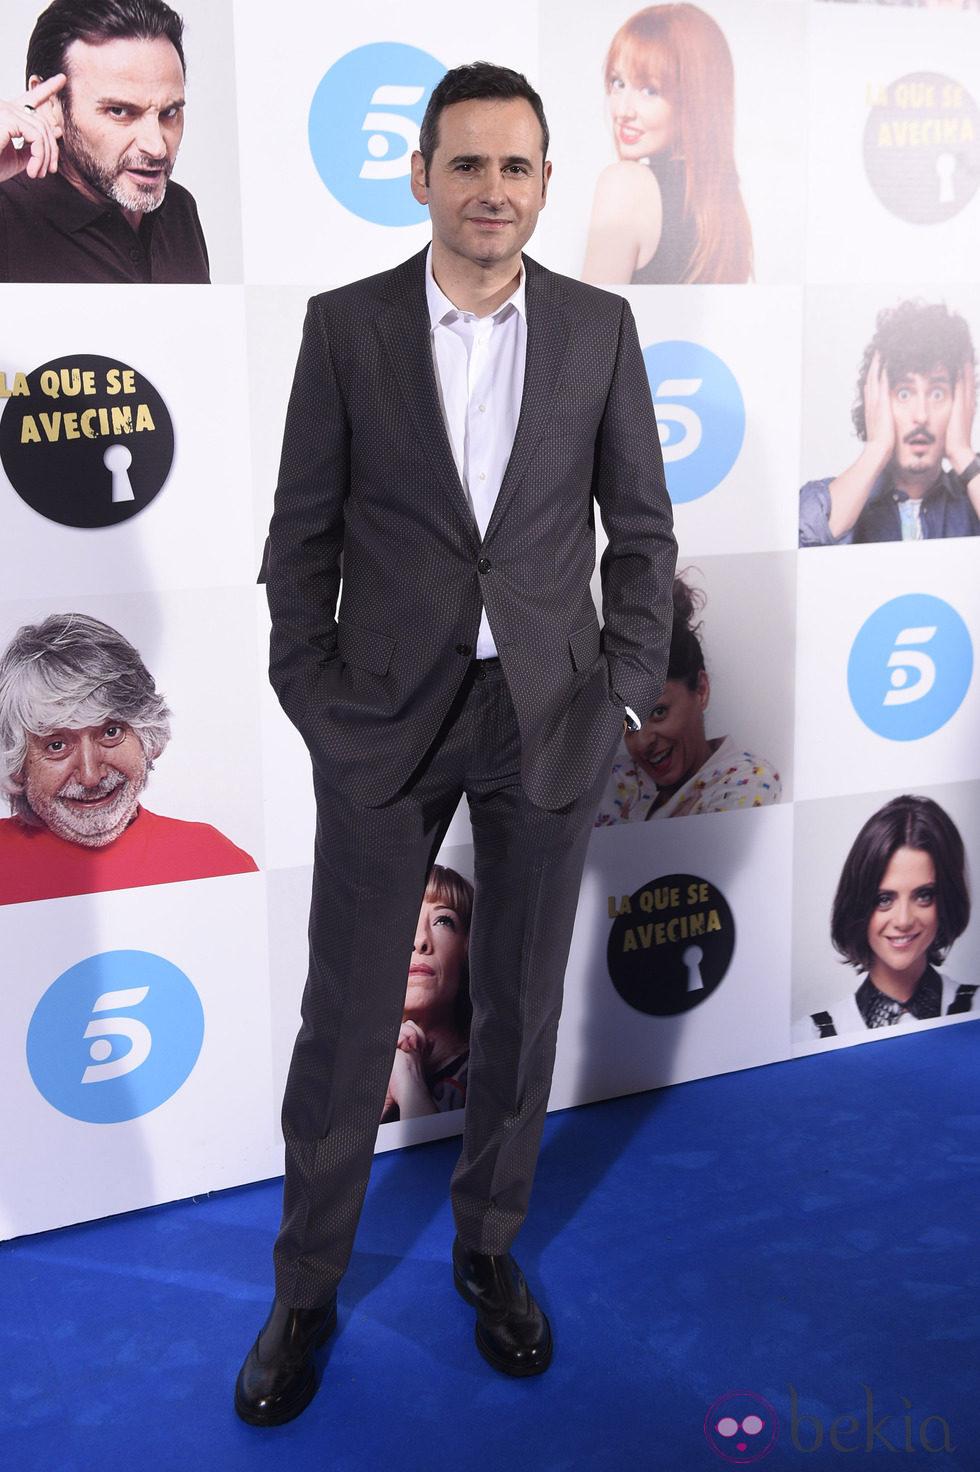 Luis Miguel Seguí en el estreno de la octava temporada de 'La que se avecina'